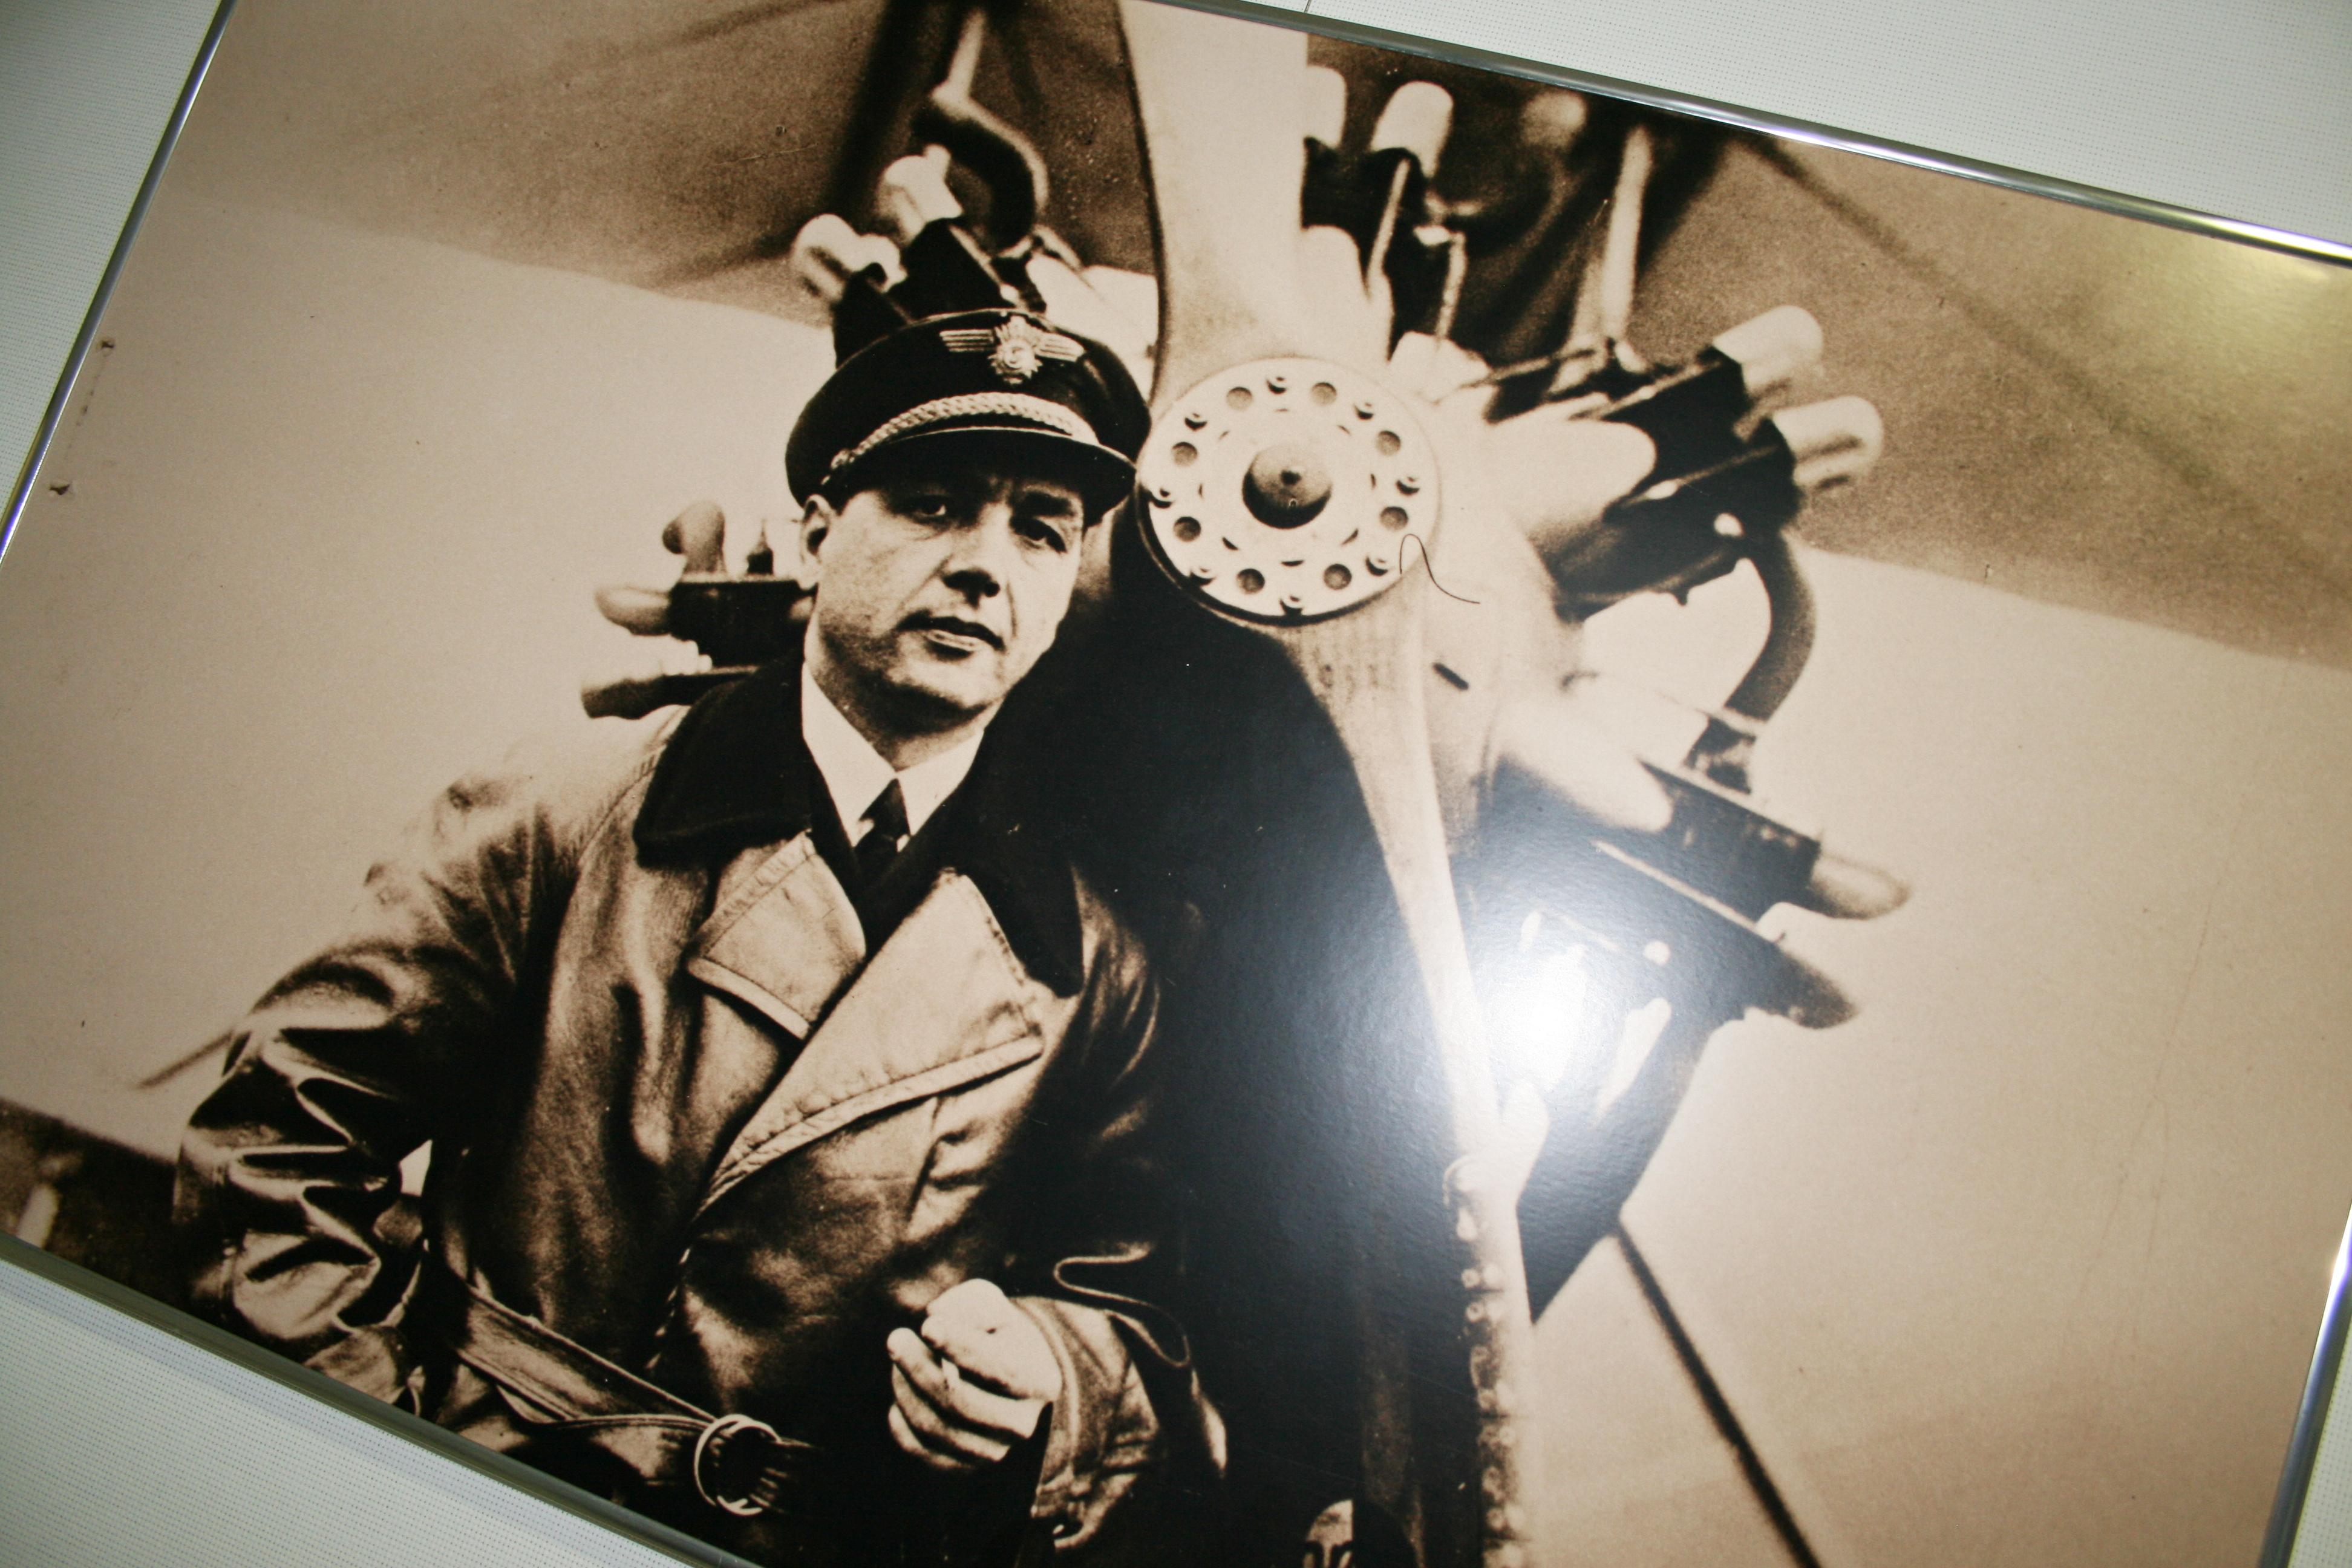 Pilotem na zkousku 14.6.2014 297.jpg